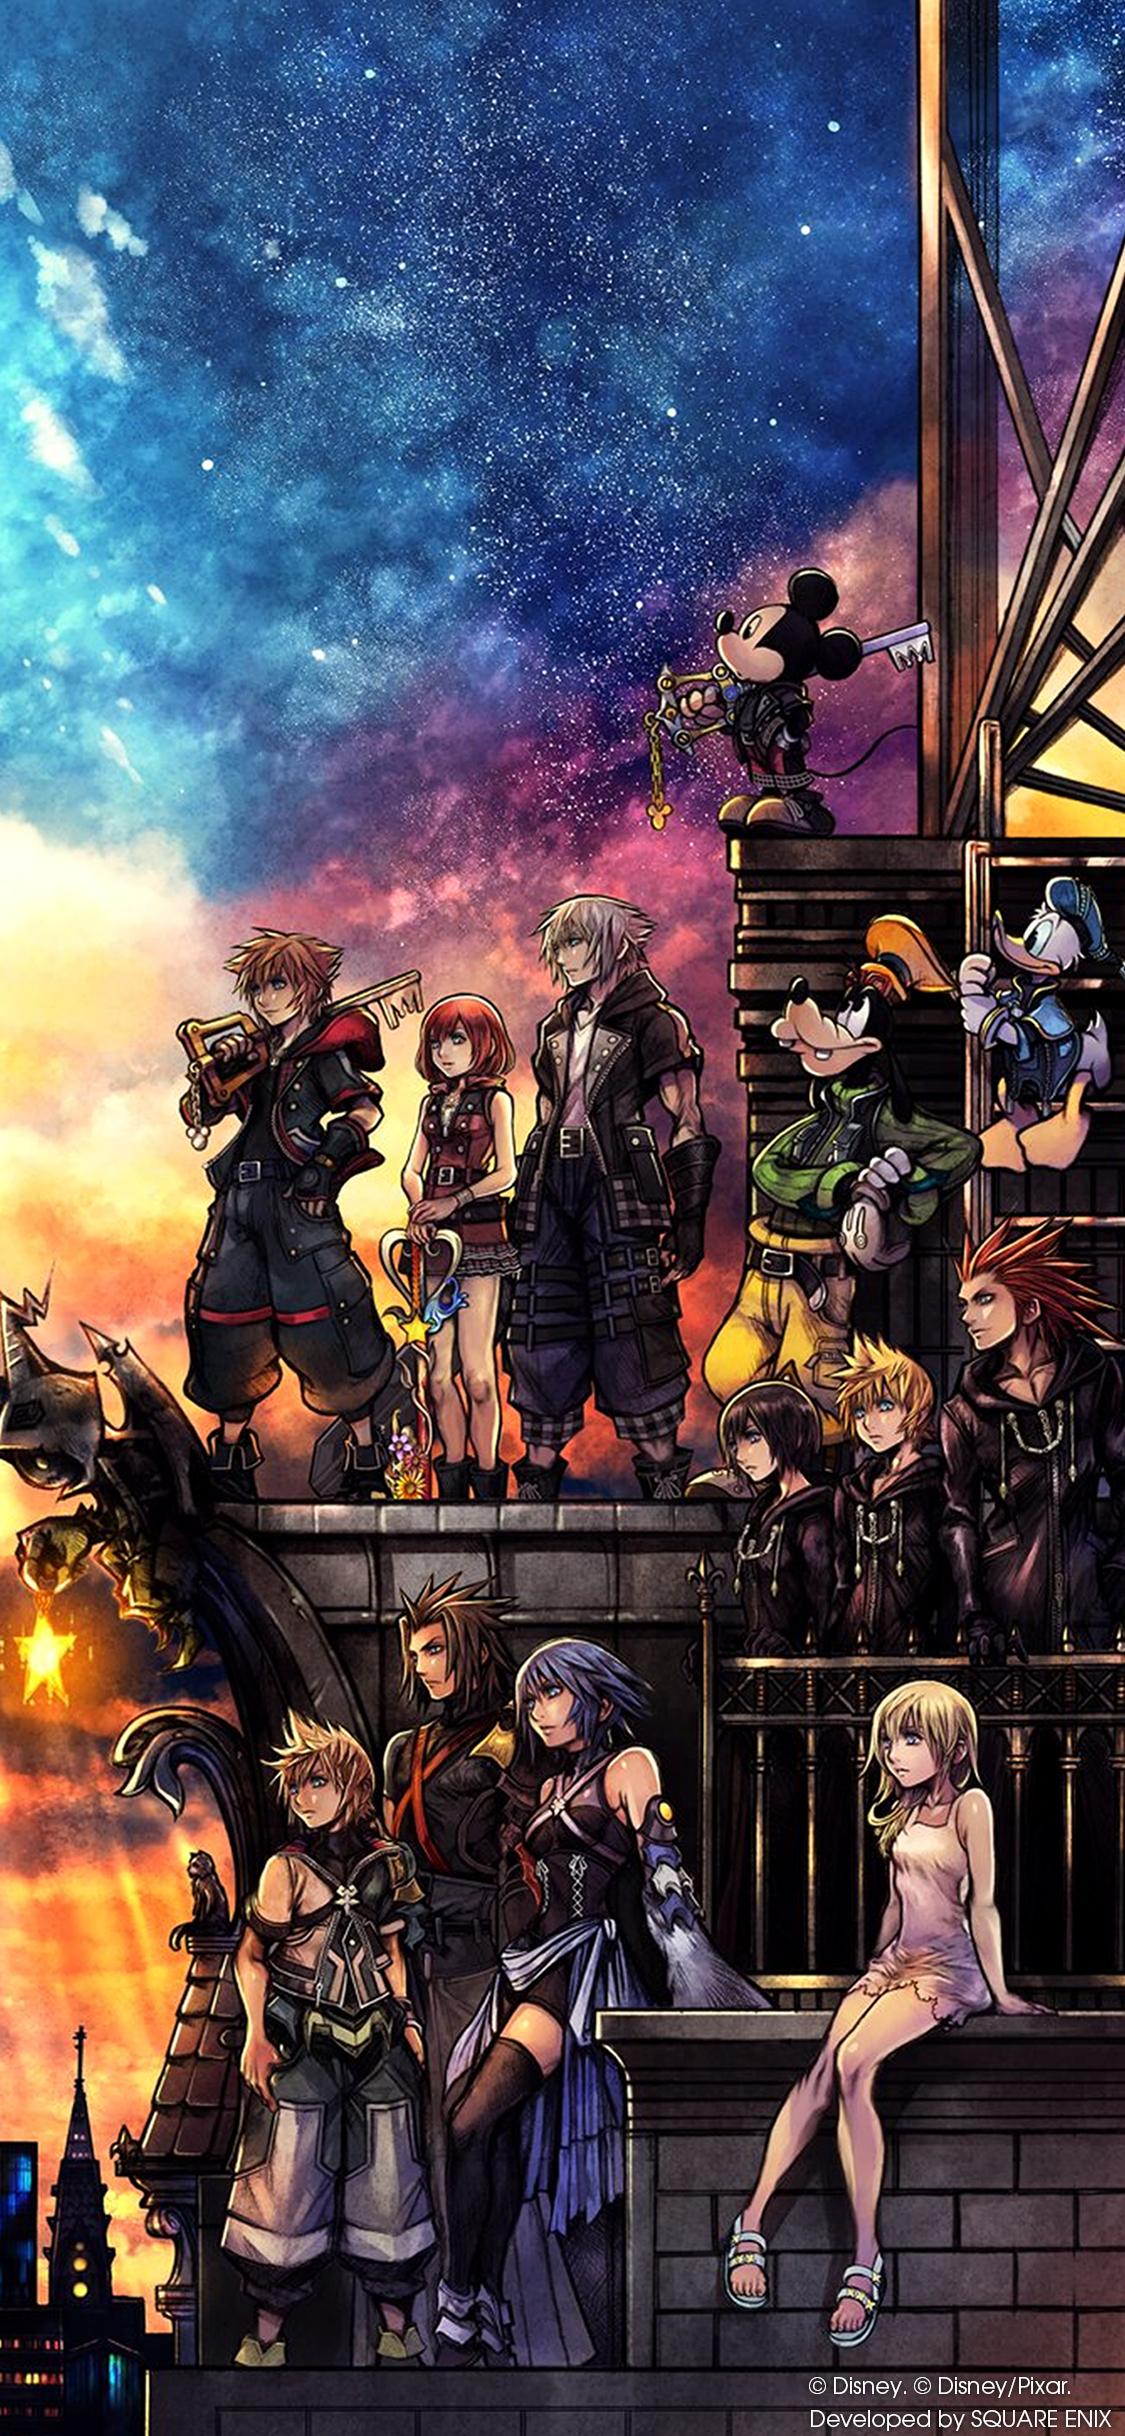 Wallpapers Hd Iphone X Kingdom Hearts Iii Wallpaper Cover Art Wallpaper Cat